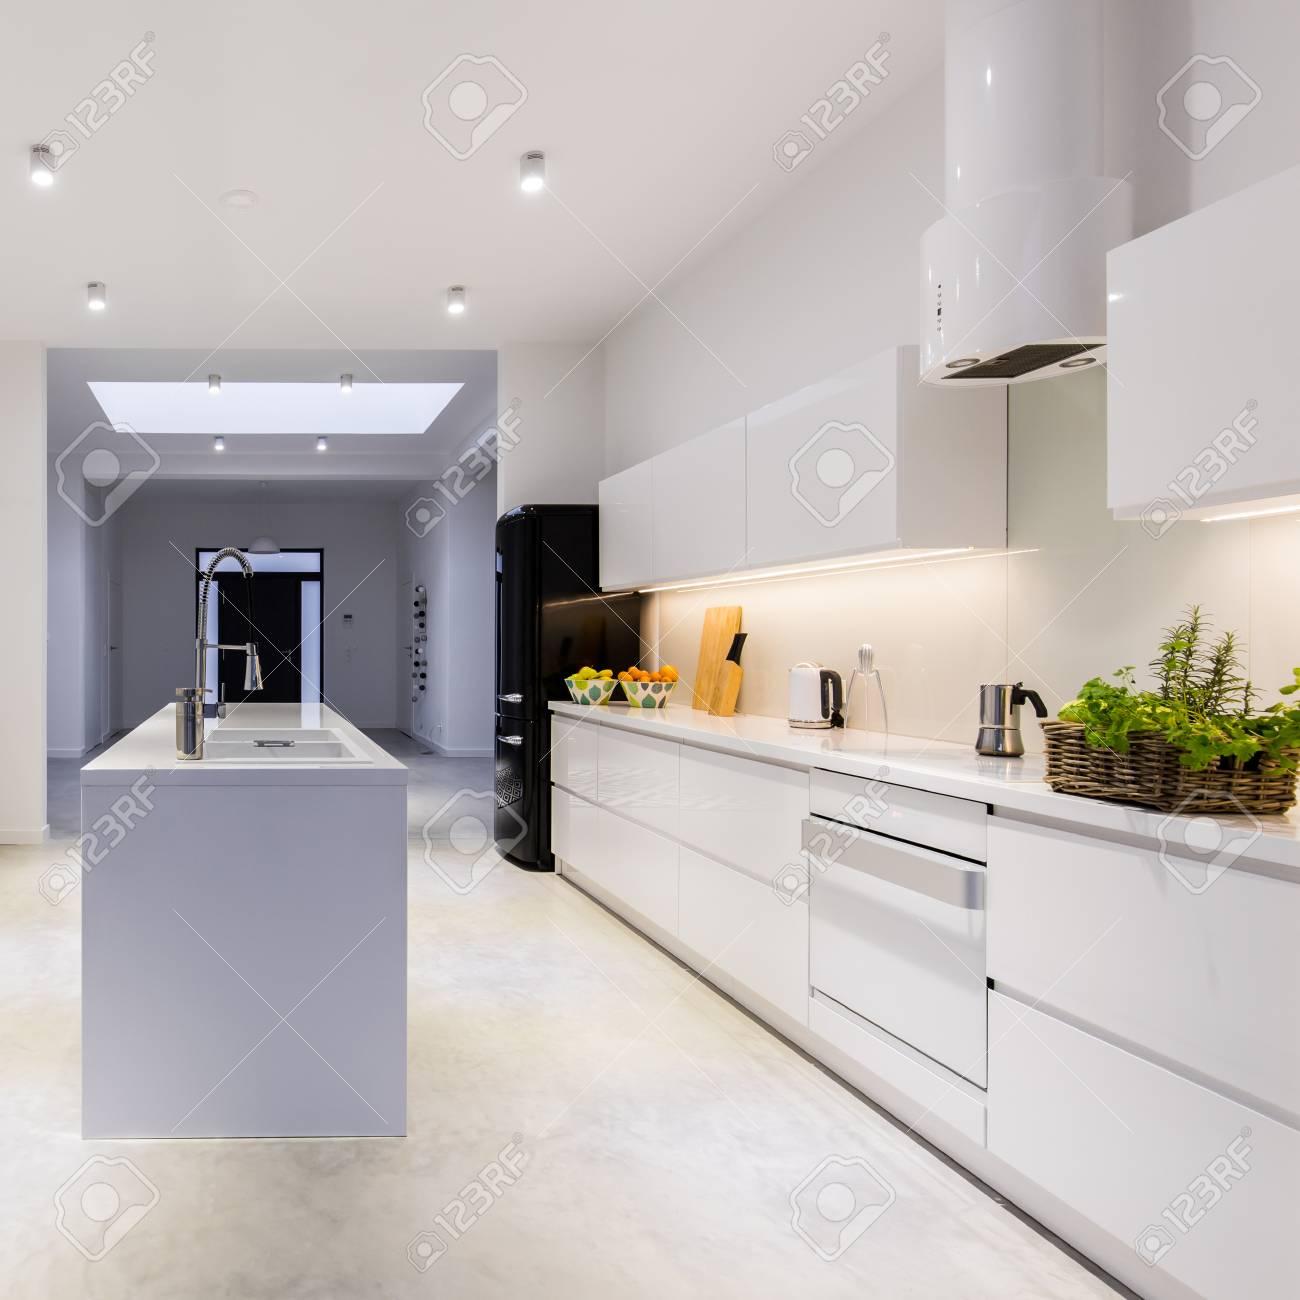 Moderne, Helle Küche Mit Kücheninsel In Der Mitte Und Weißen Einfachen  Schränken Standard Bild